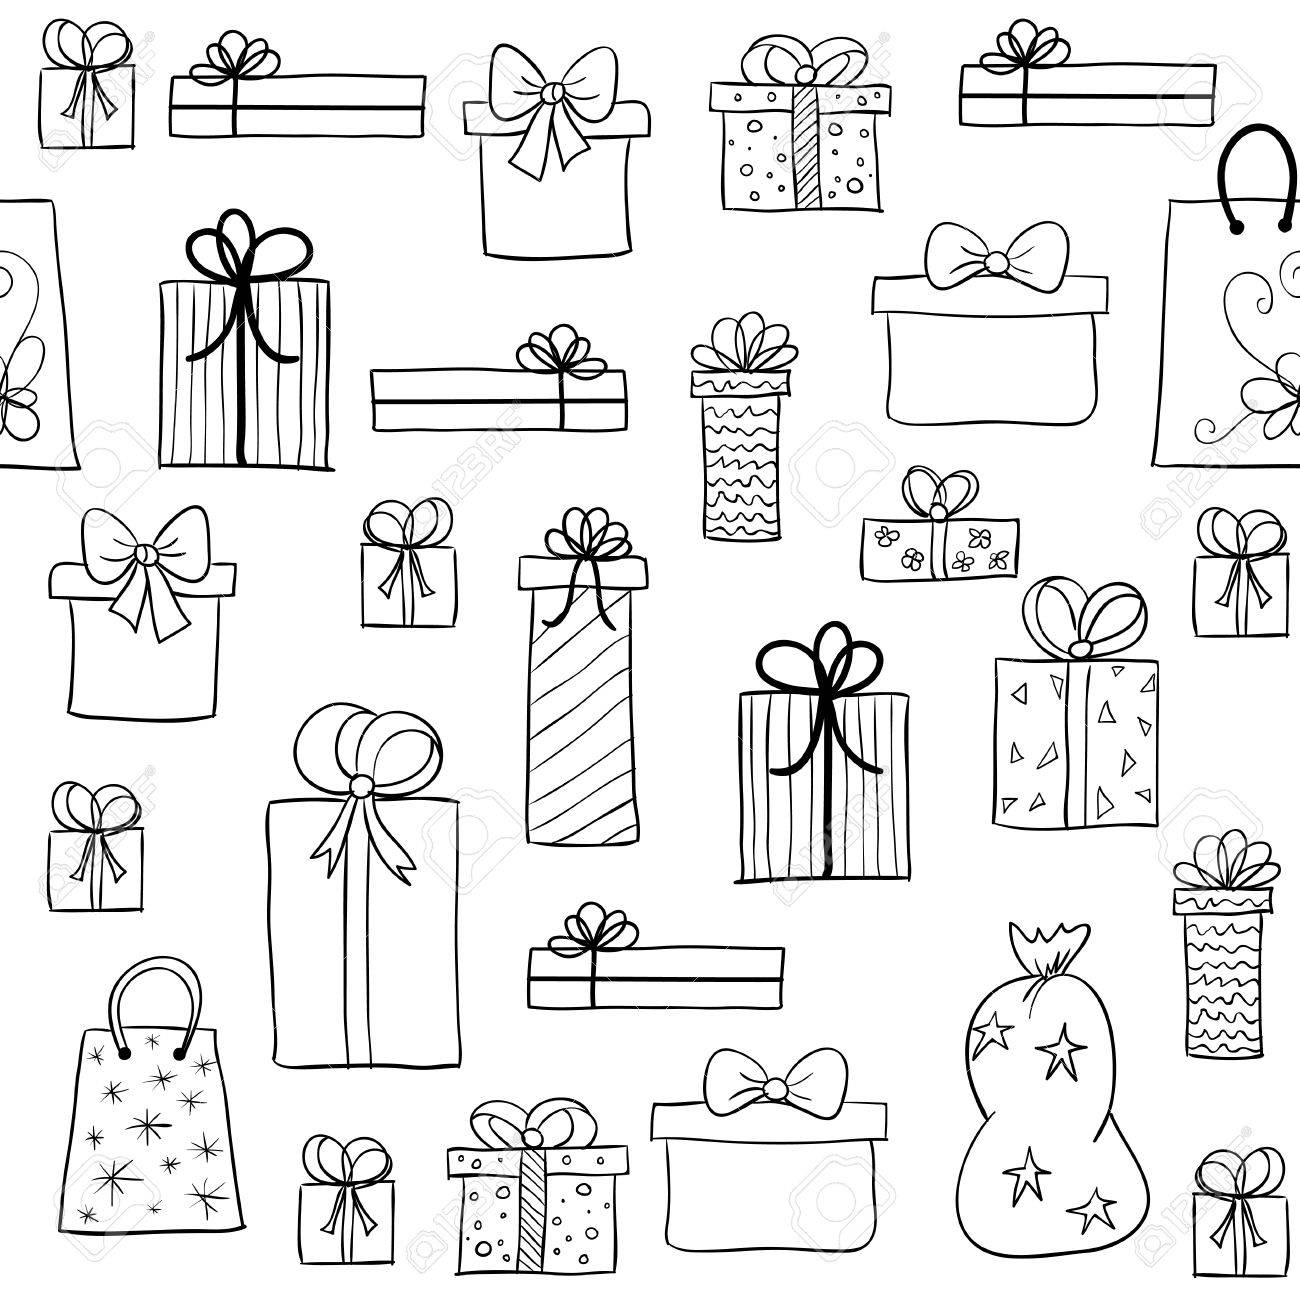 Vector Seamless Di Natale Con Disegnati A Mano Scatole Regalo Può